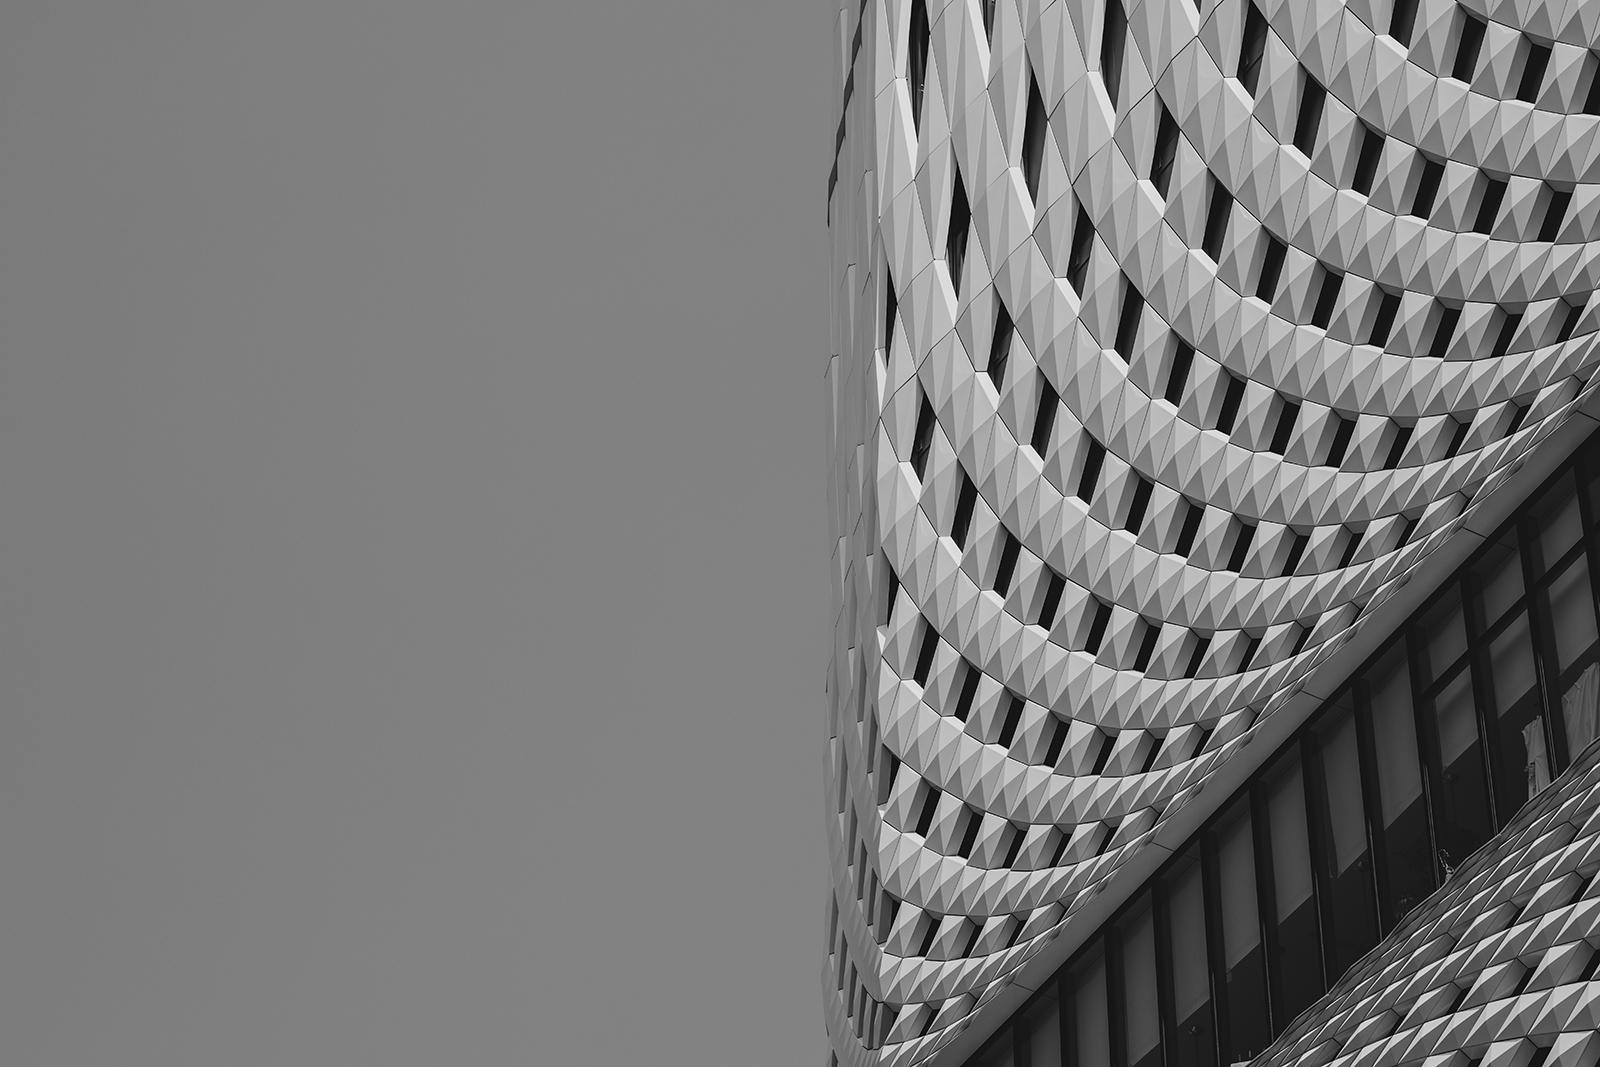 【日本製】アートパネル/ボード artmart アートマート 写真 アルミフレーム おしゃれ 綺麗 コーディネート 壁紙 額縁 ウォールステッカー フォト 小物 部屋 オフィス ホテル 旅館 病院 ホールのイメージアップ モノトーン 花 海 モノクロ 北欧 風景_建物_I85_2088